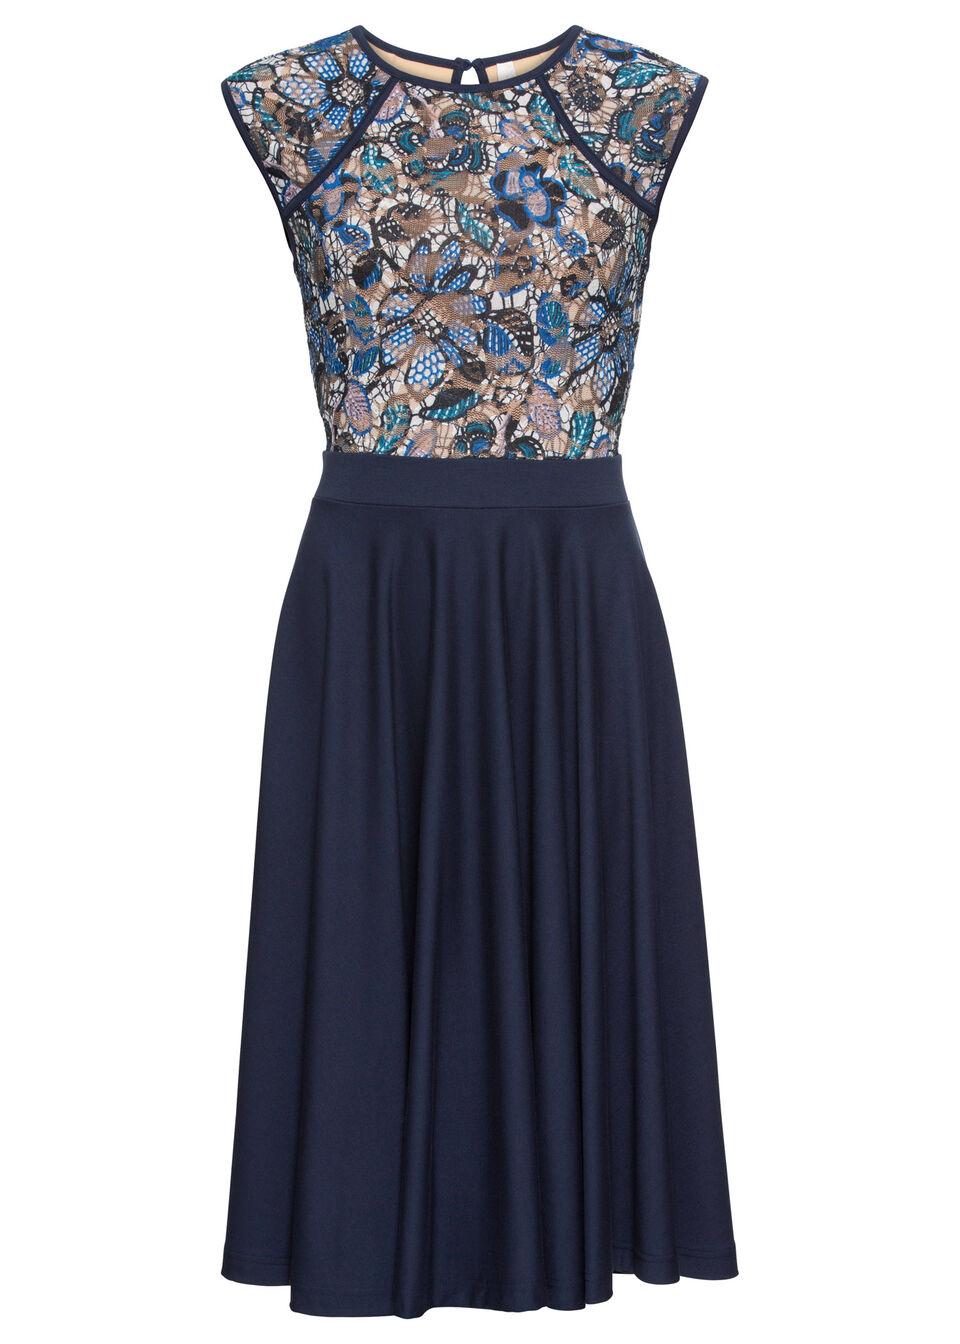 Купить Платье из кружева, bonprix, темно-синий в цветочек